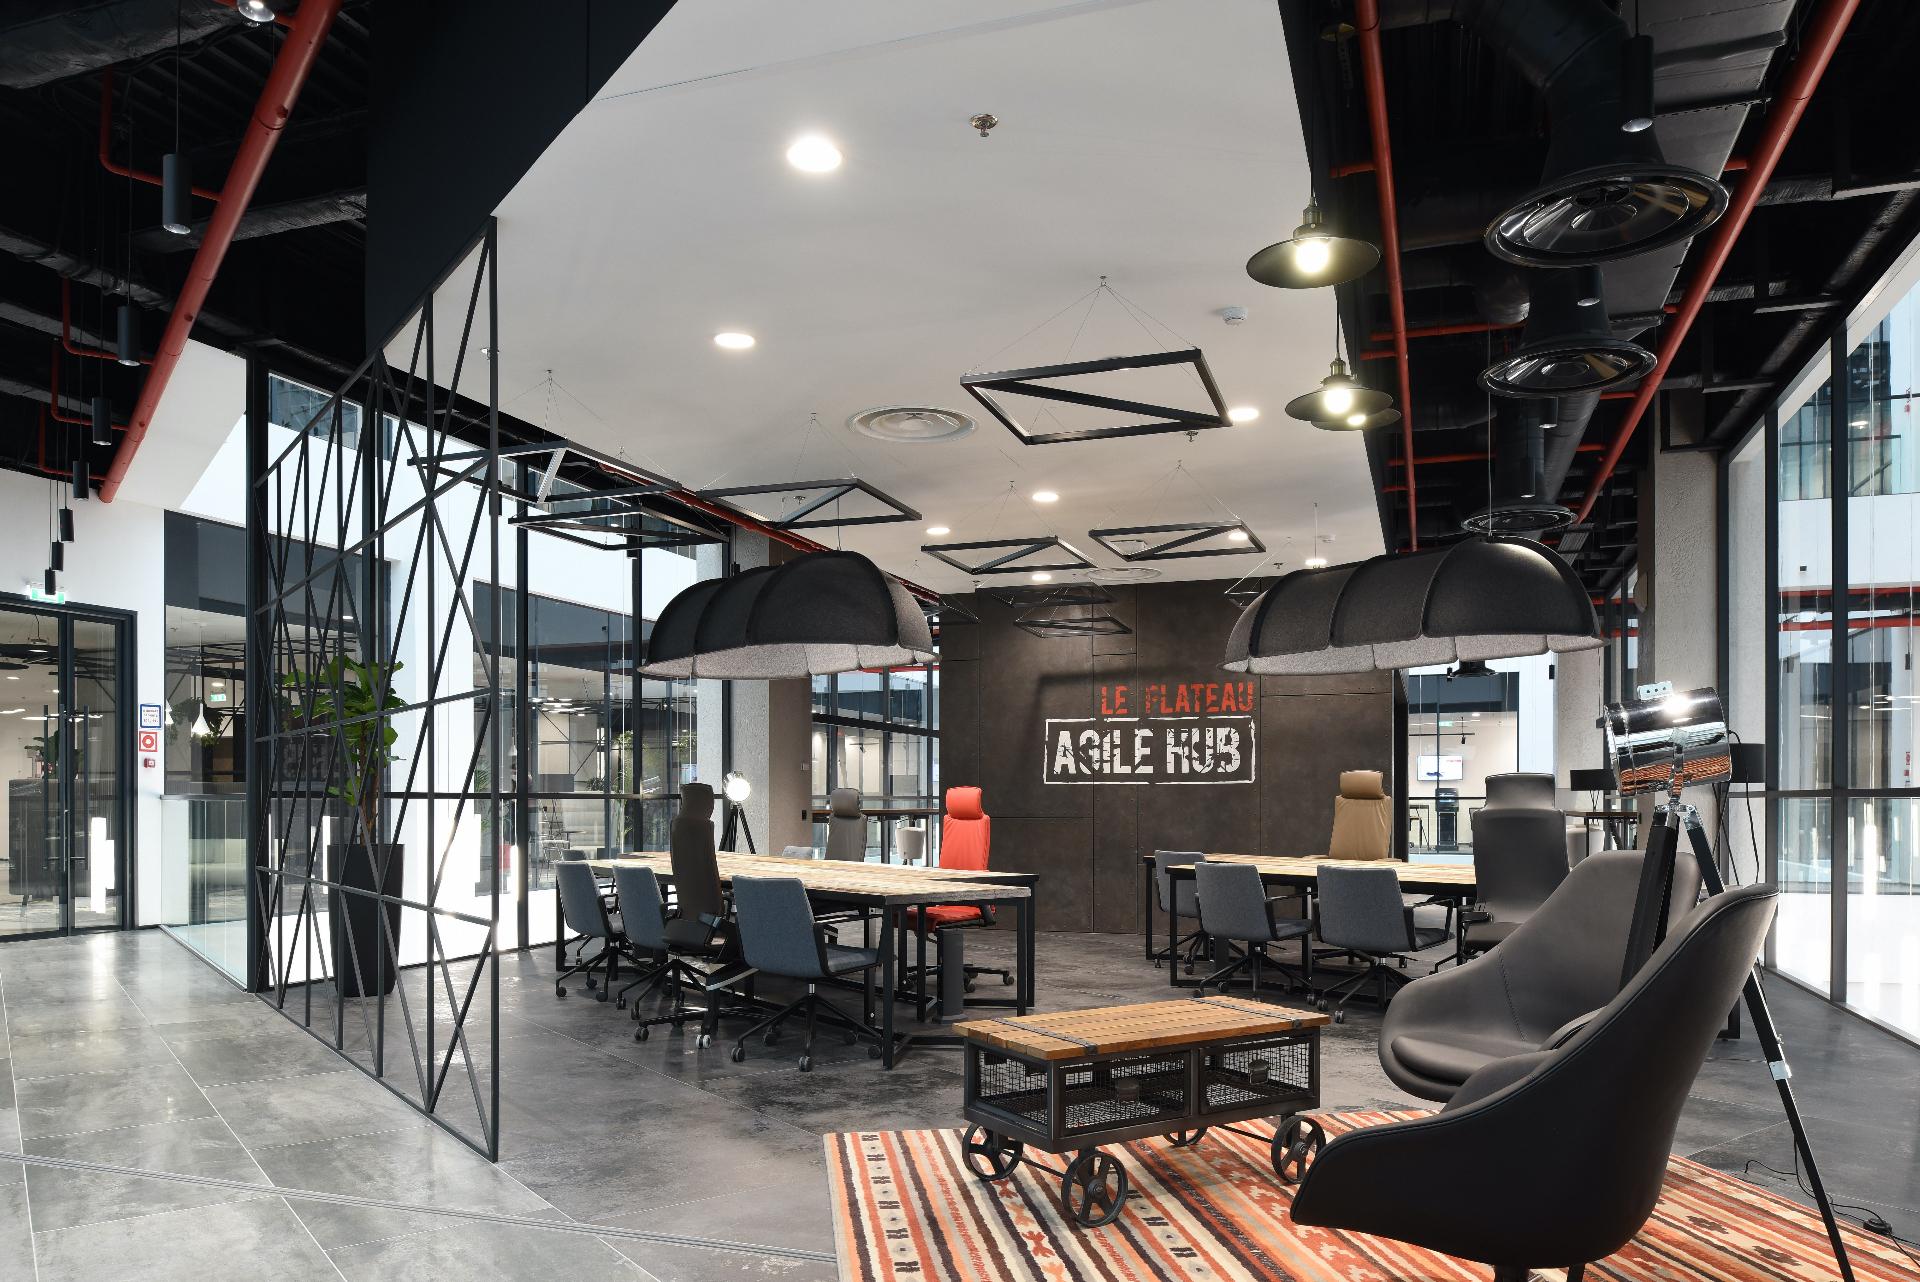 Зона Agile Hub в атриуме на полуоткрытом балконе.